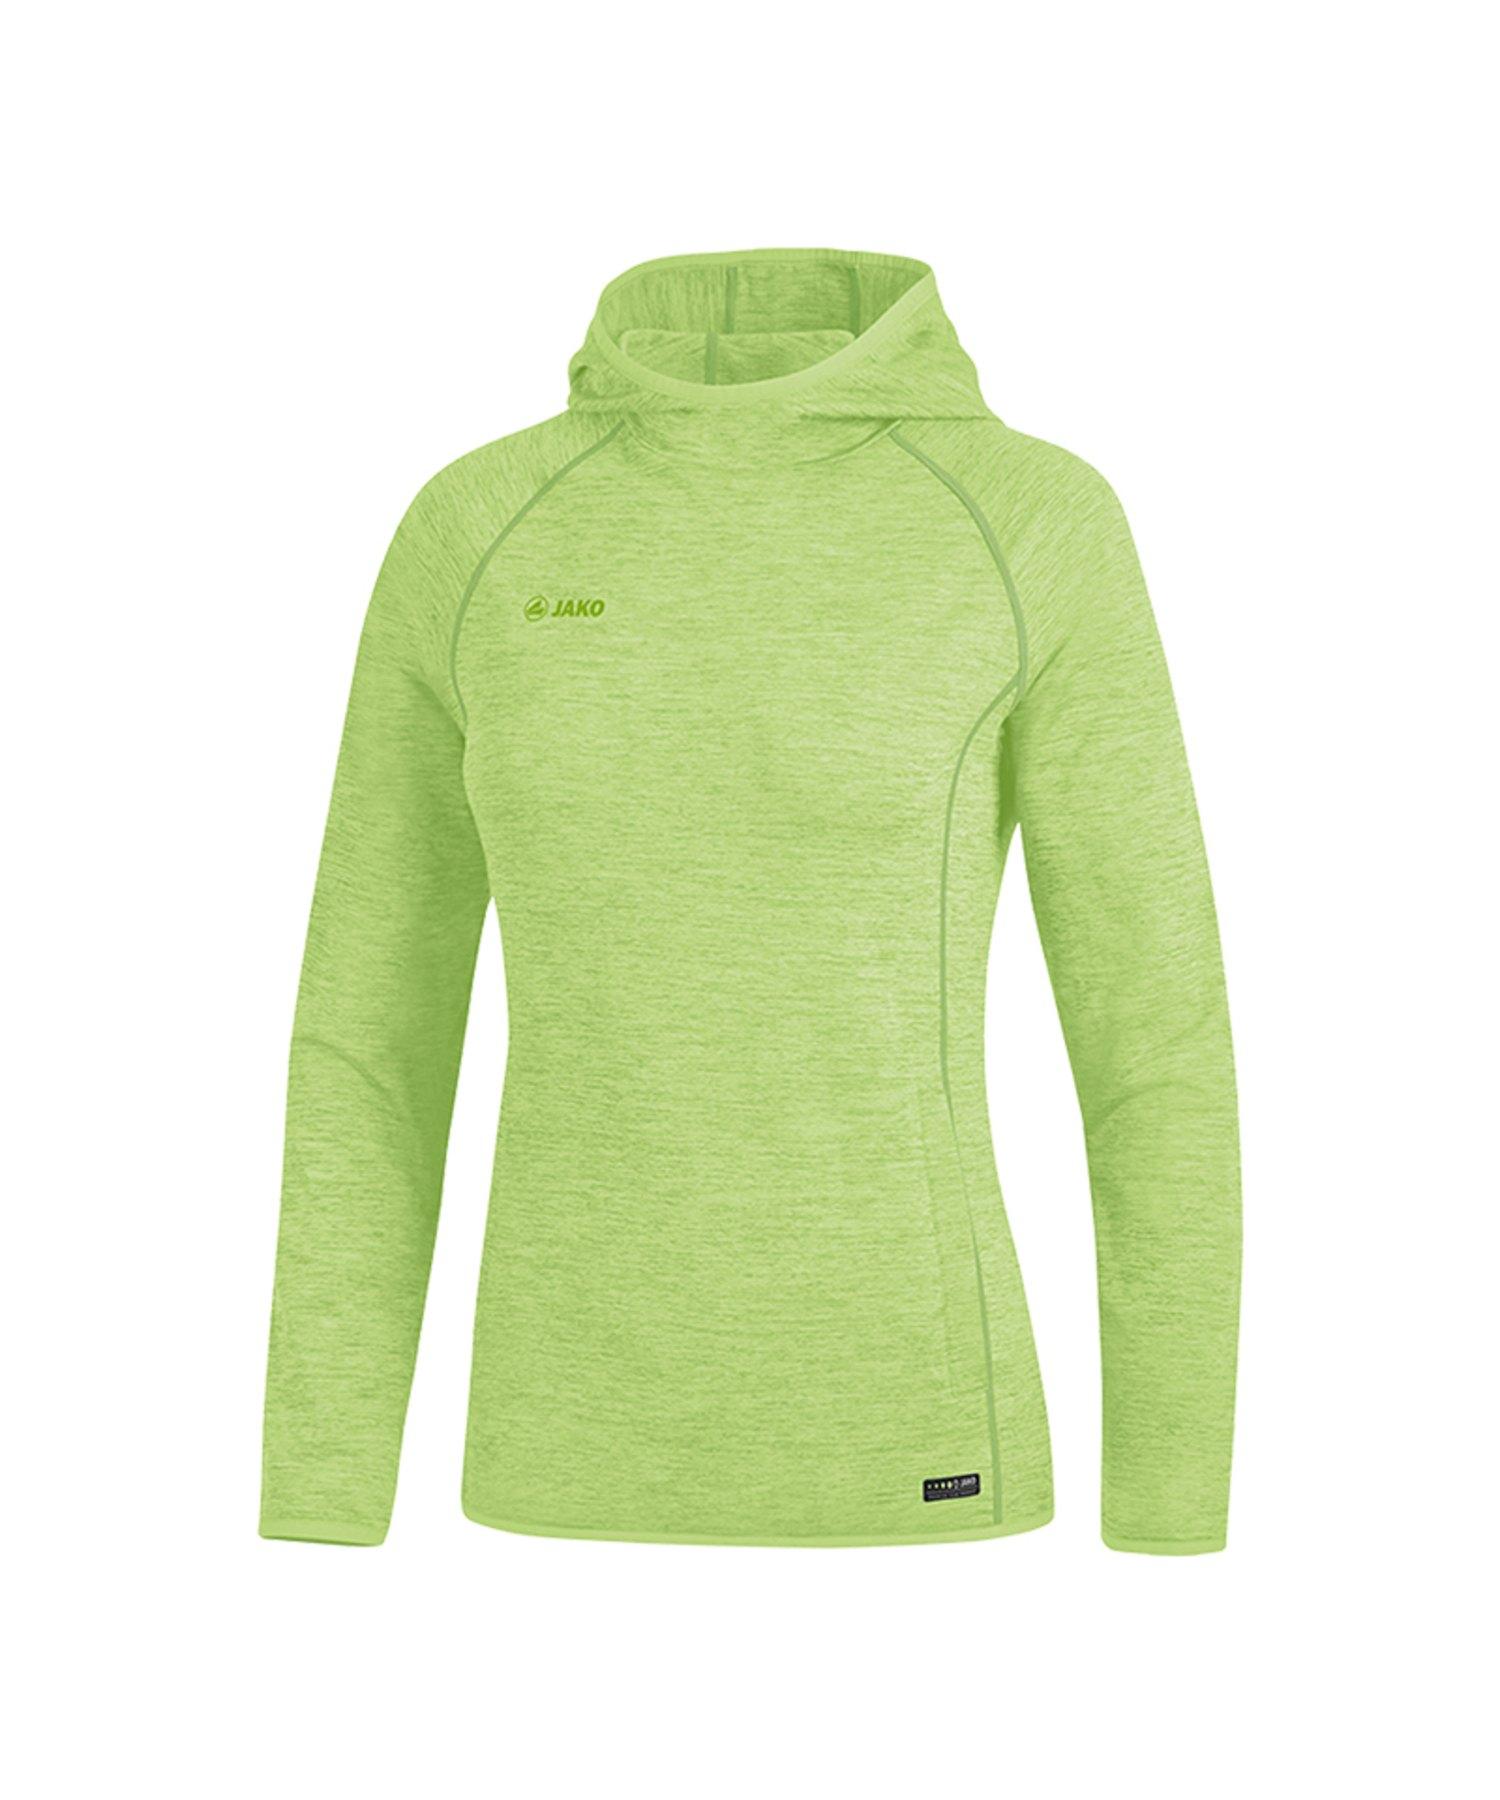 Jako Active Kapuzensweatshirt Damen Grün F25 - Gruen